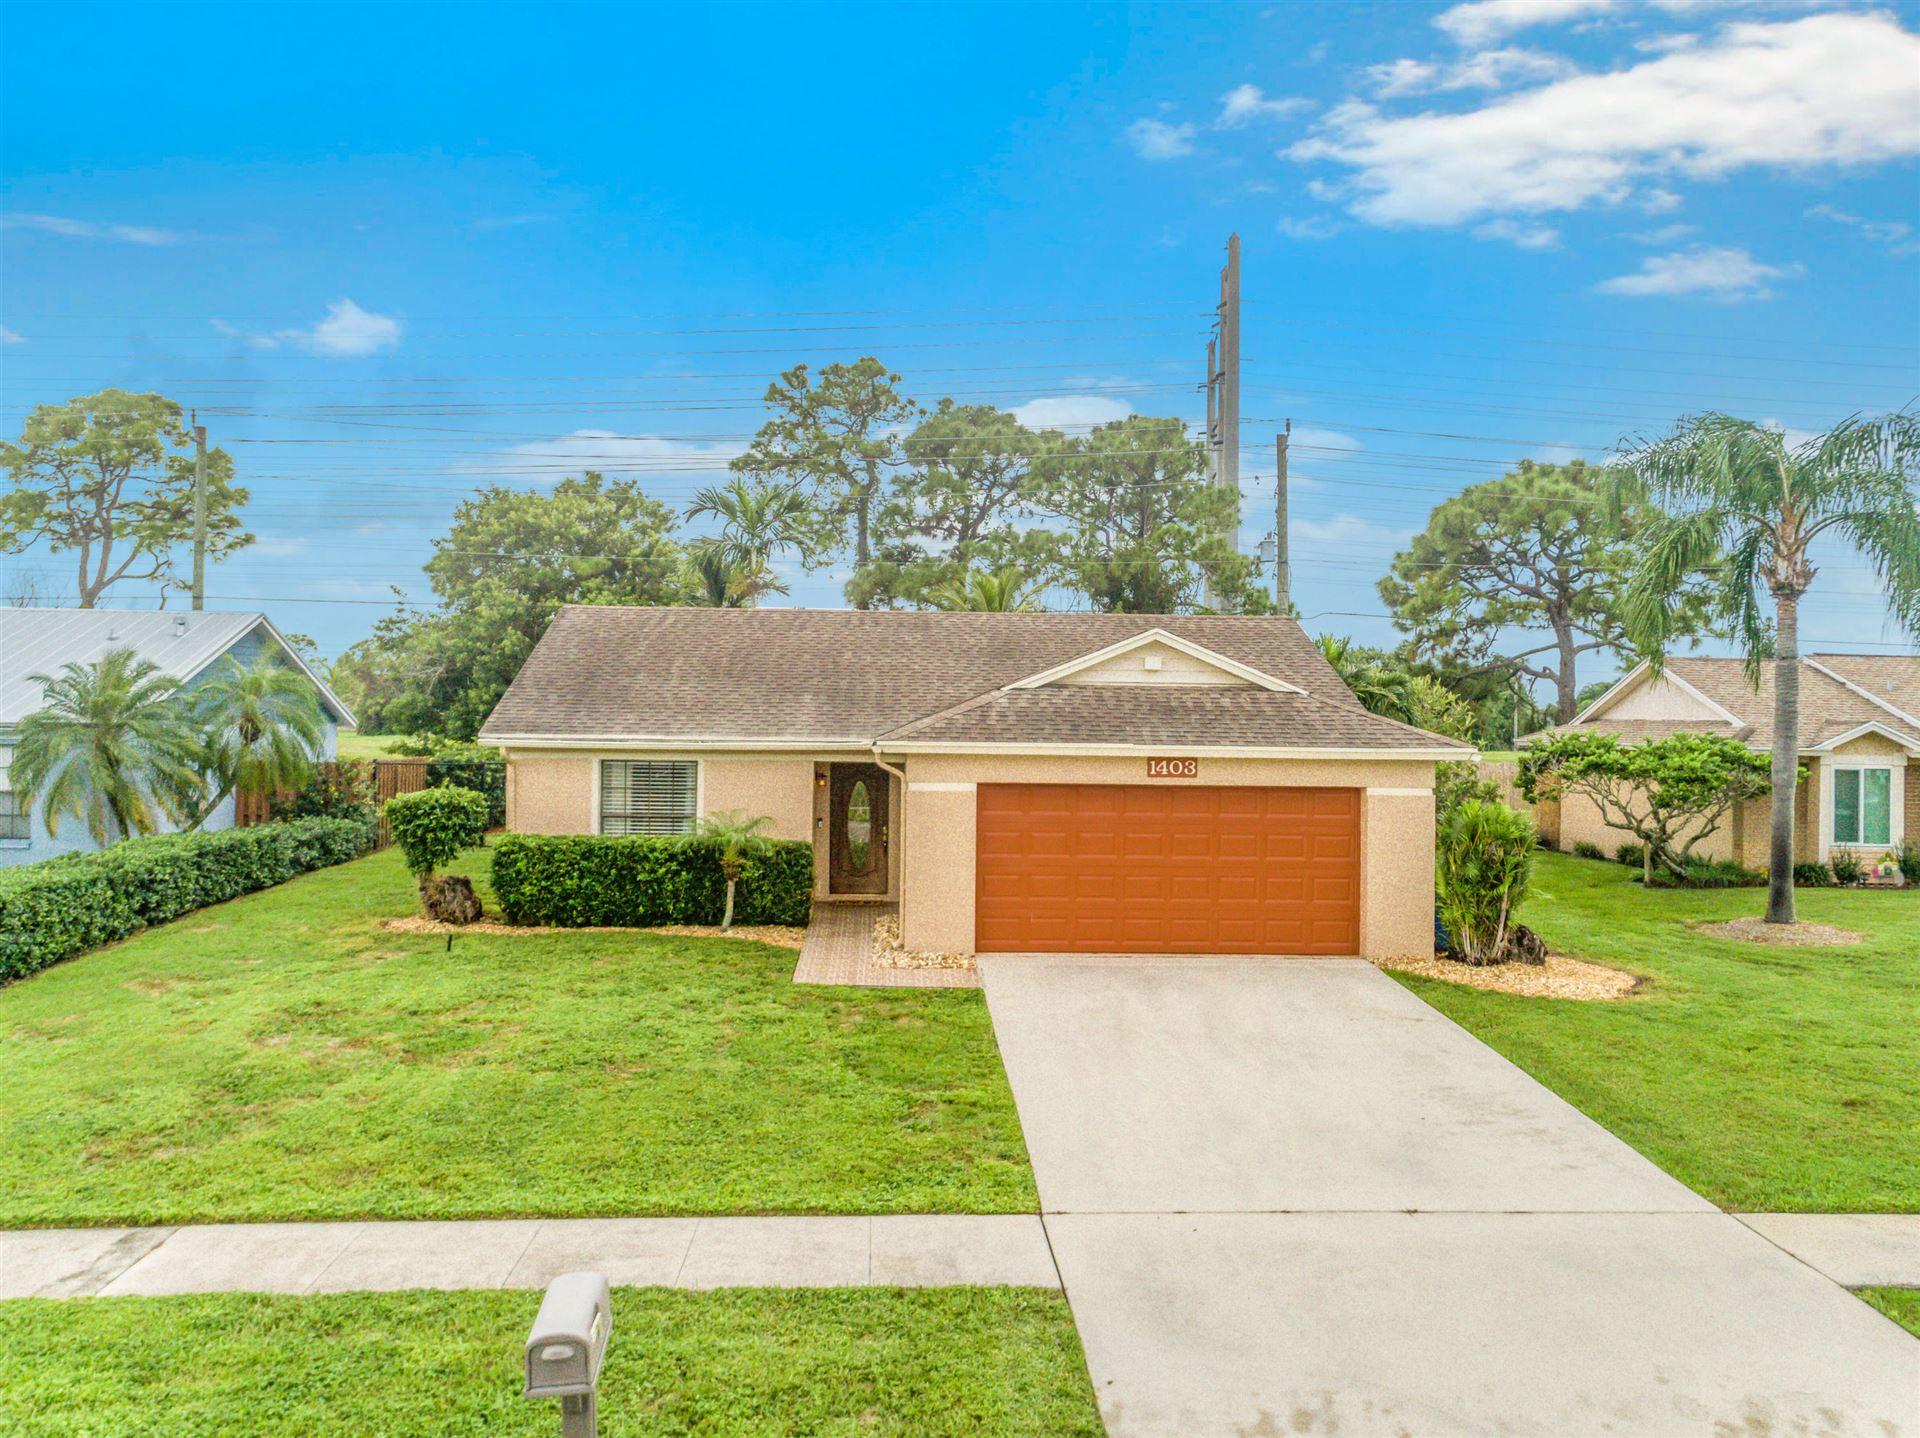 1403 Mc Dermott Lane, Royal Palm Beach, FL 33411 - #: RX-10665530